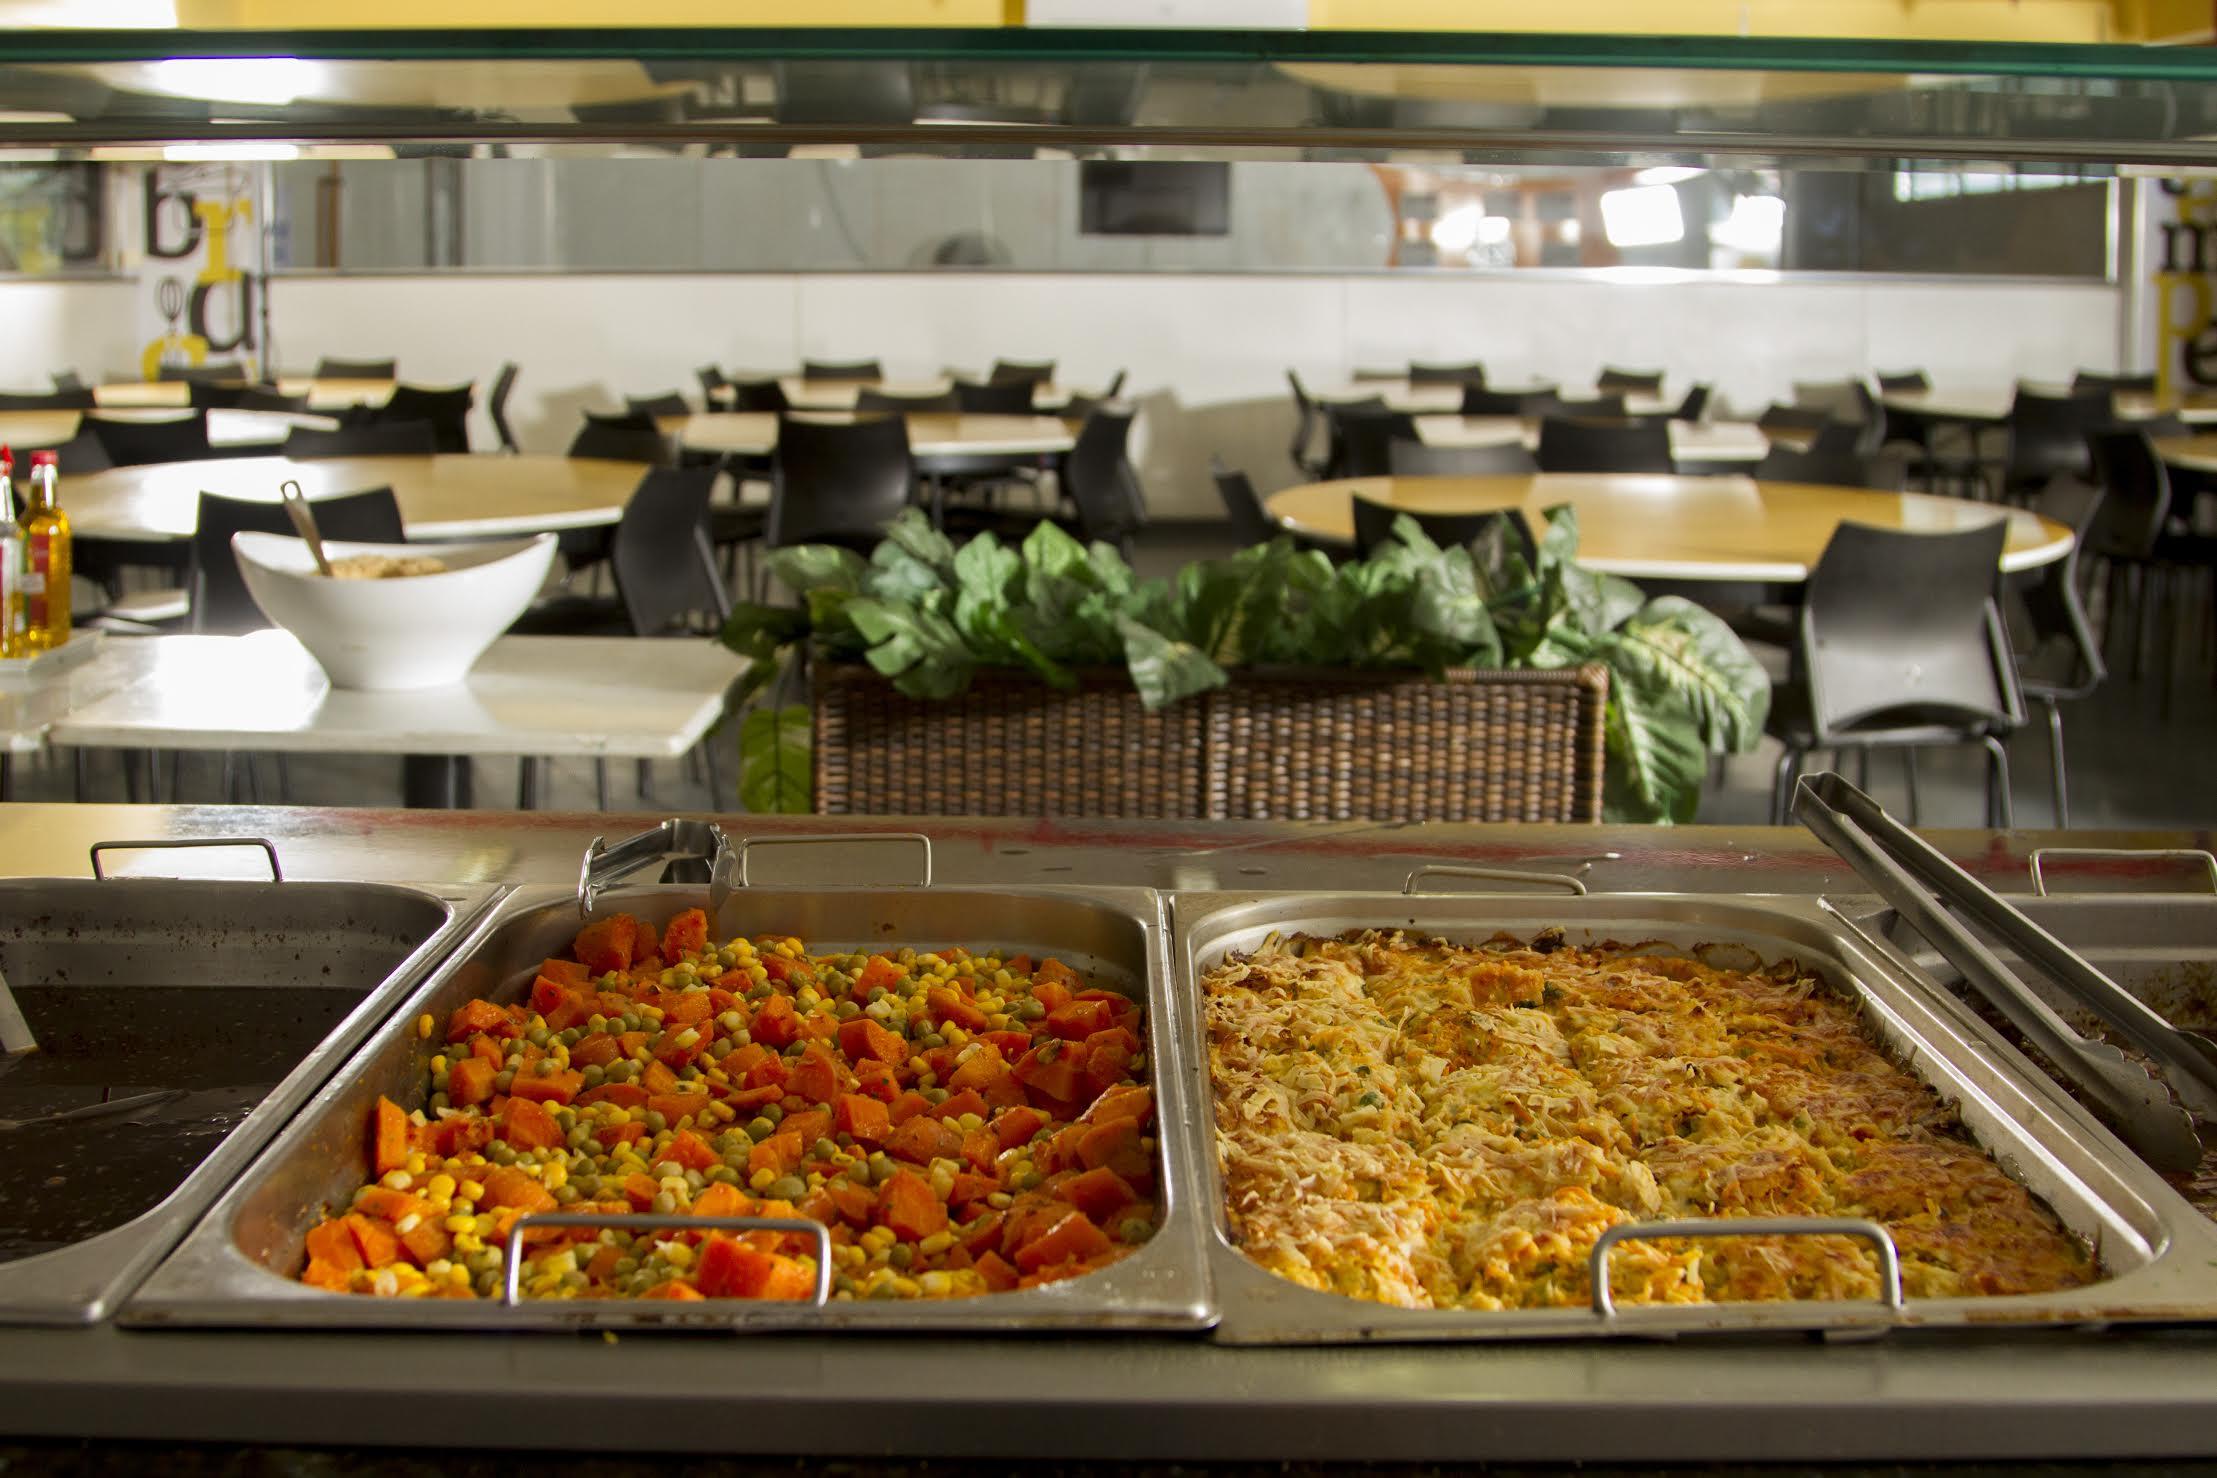 O que é comida regenerada?